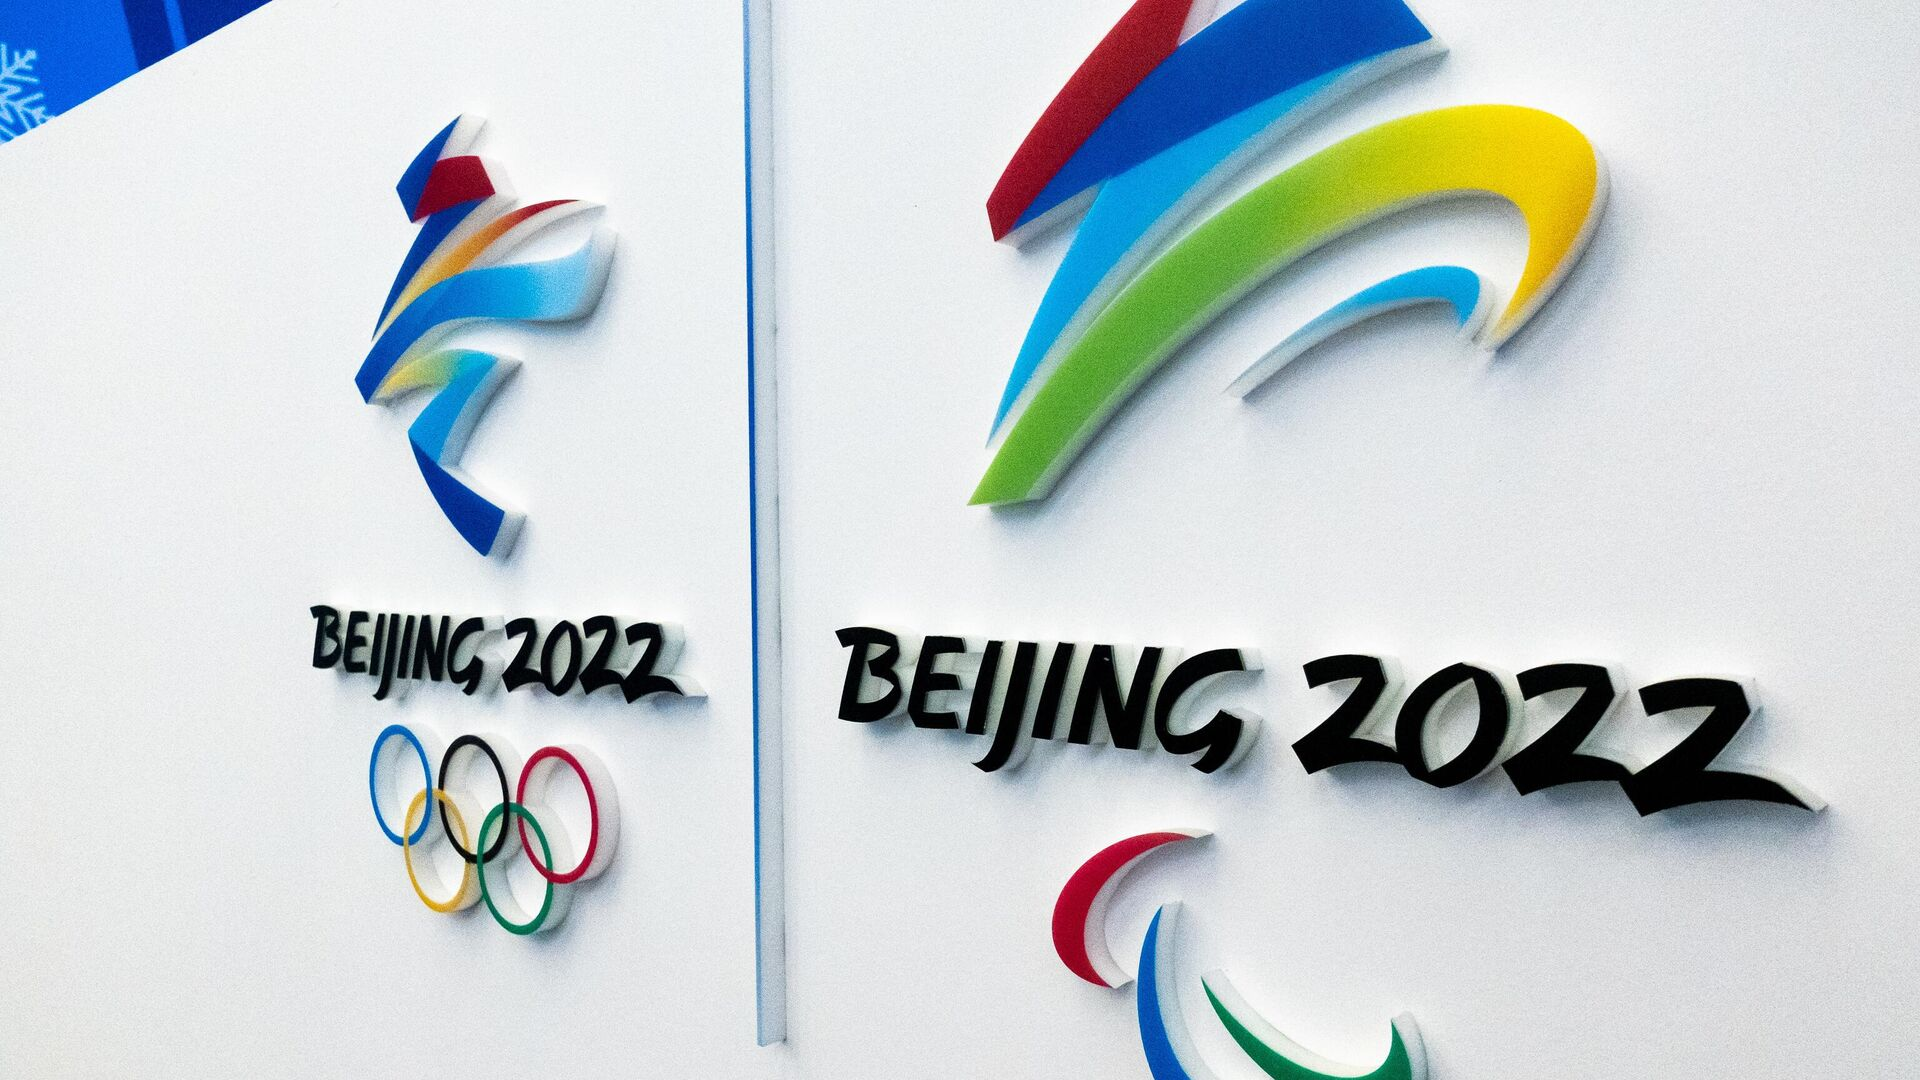 Зимние Олимпийские игры в Пекине - РИА Новости, 1920, 02.09.2021